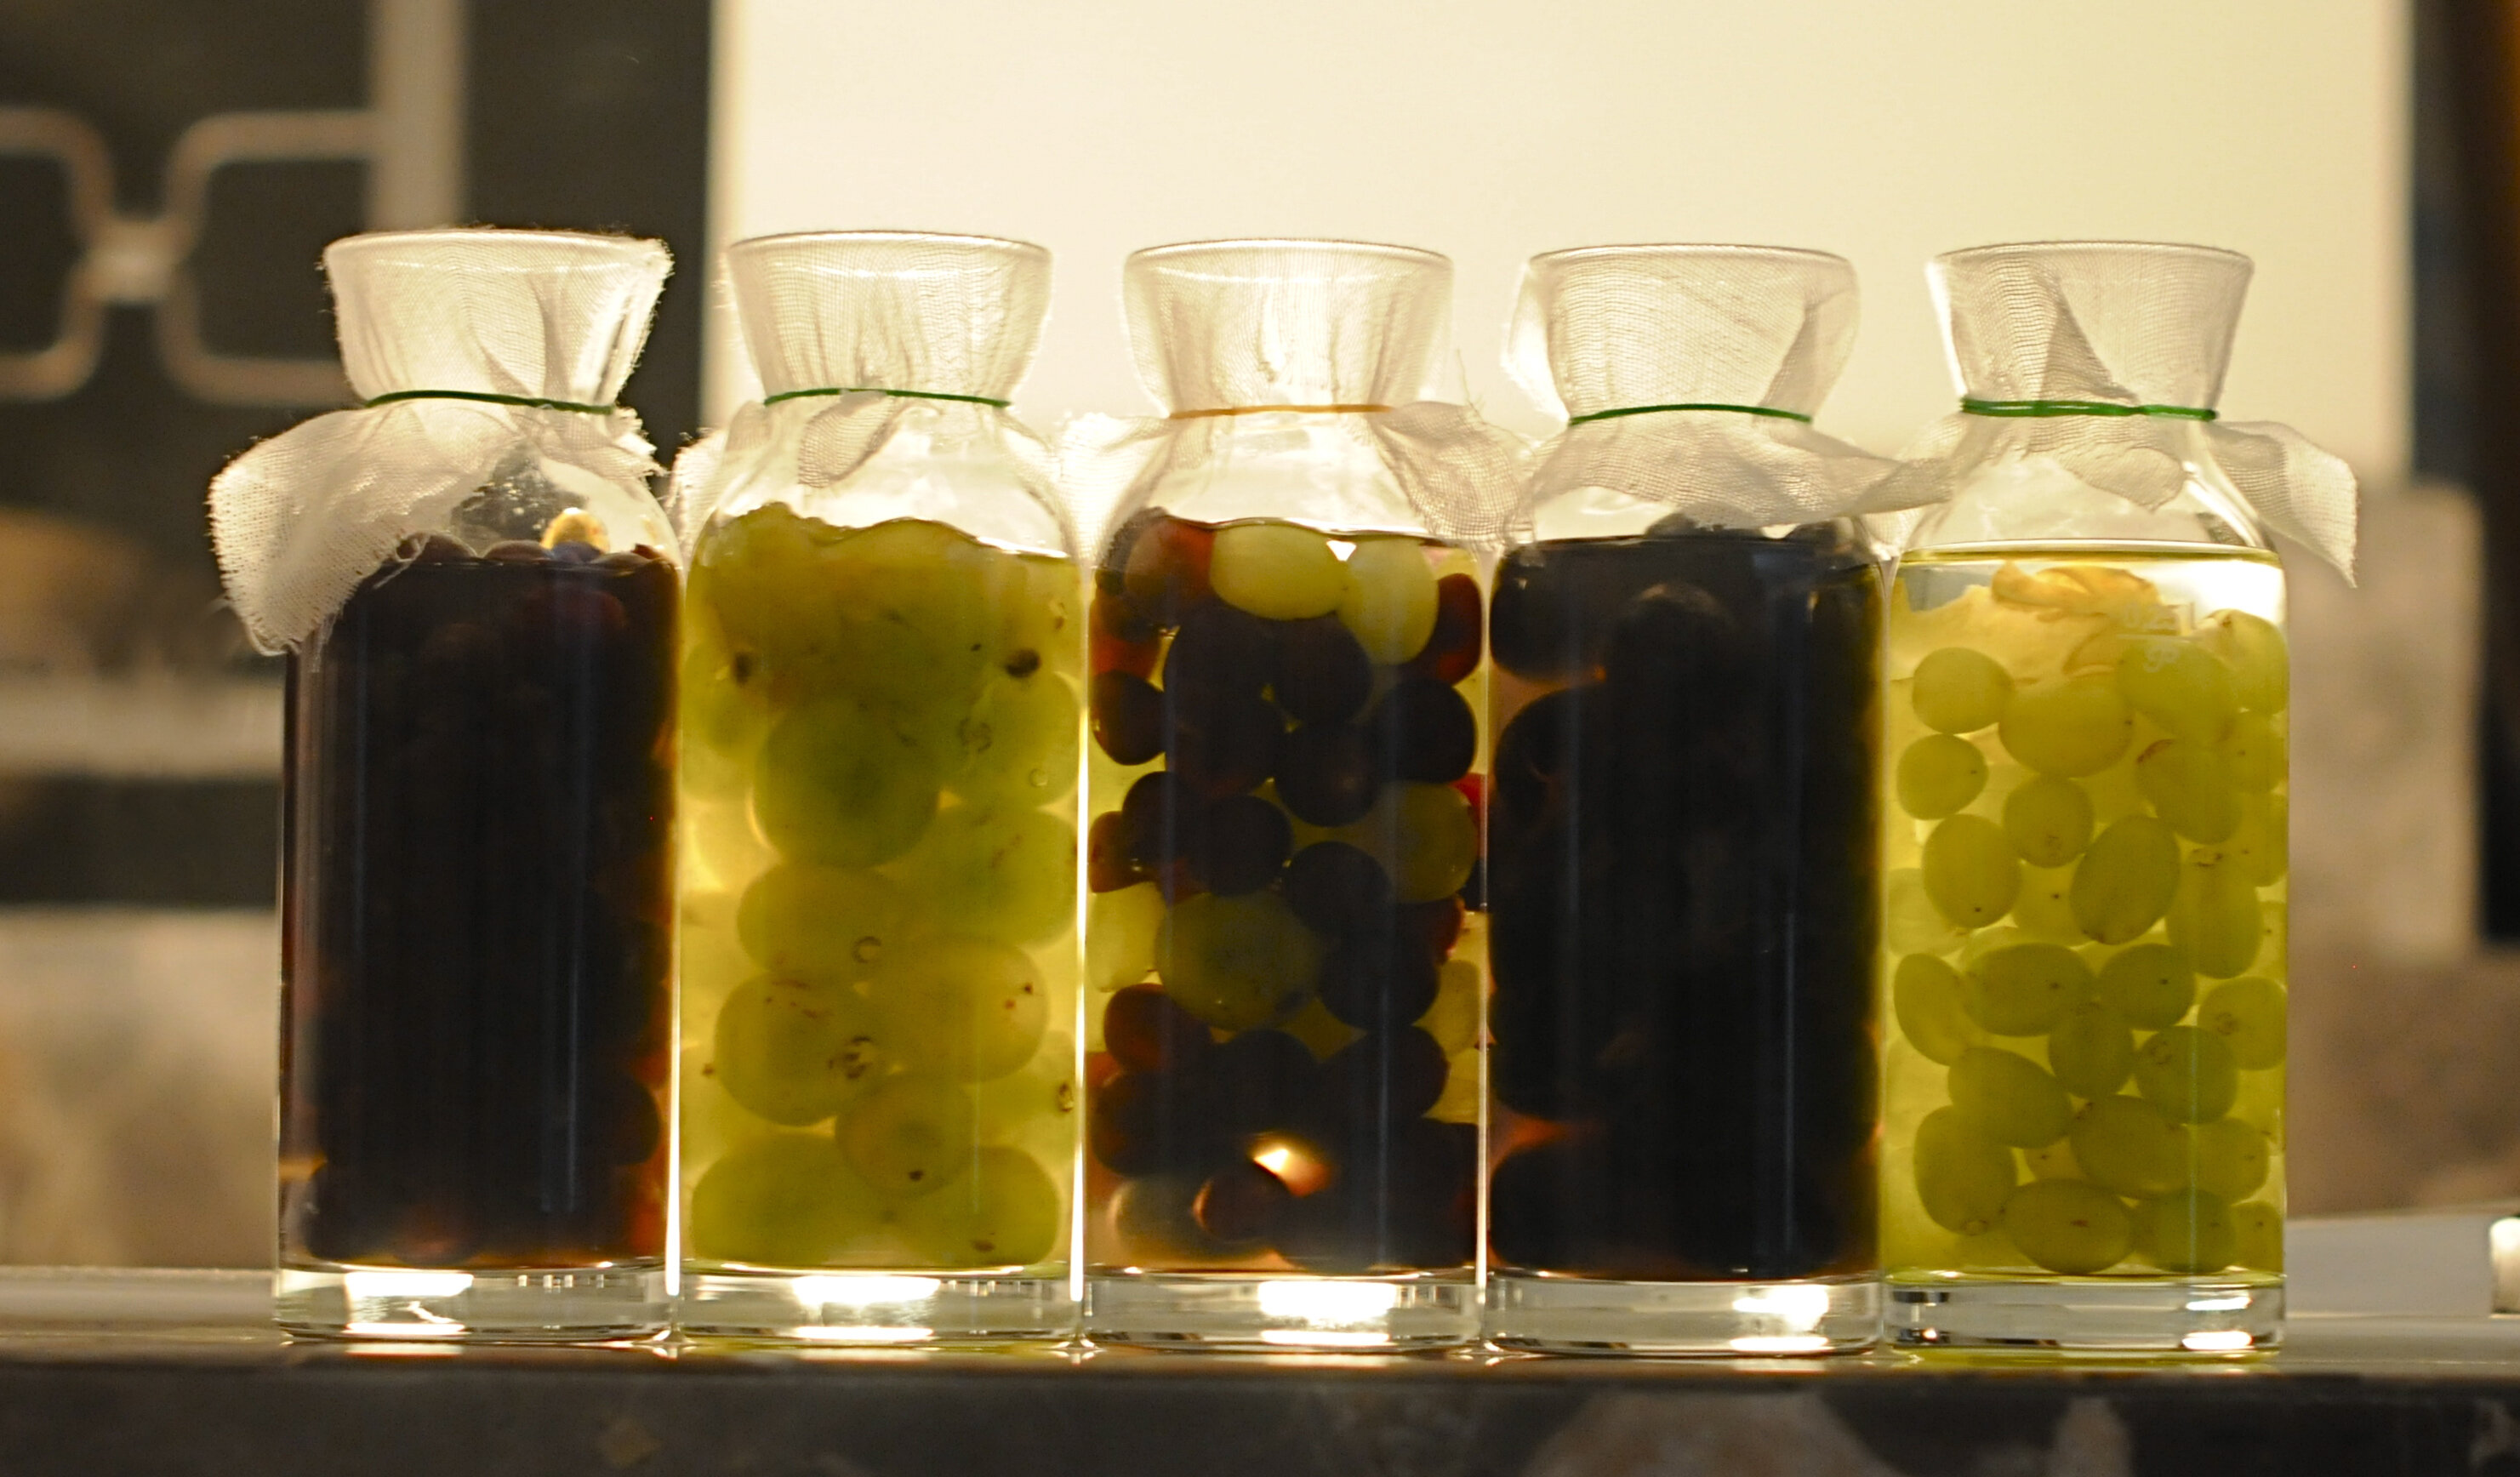 Evde Sebze Suyu Nasıl Yapılır